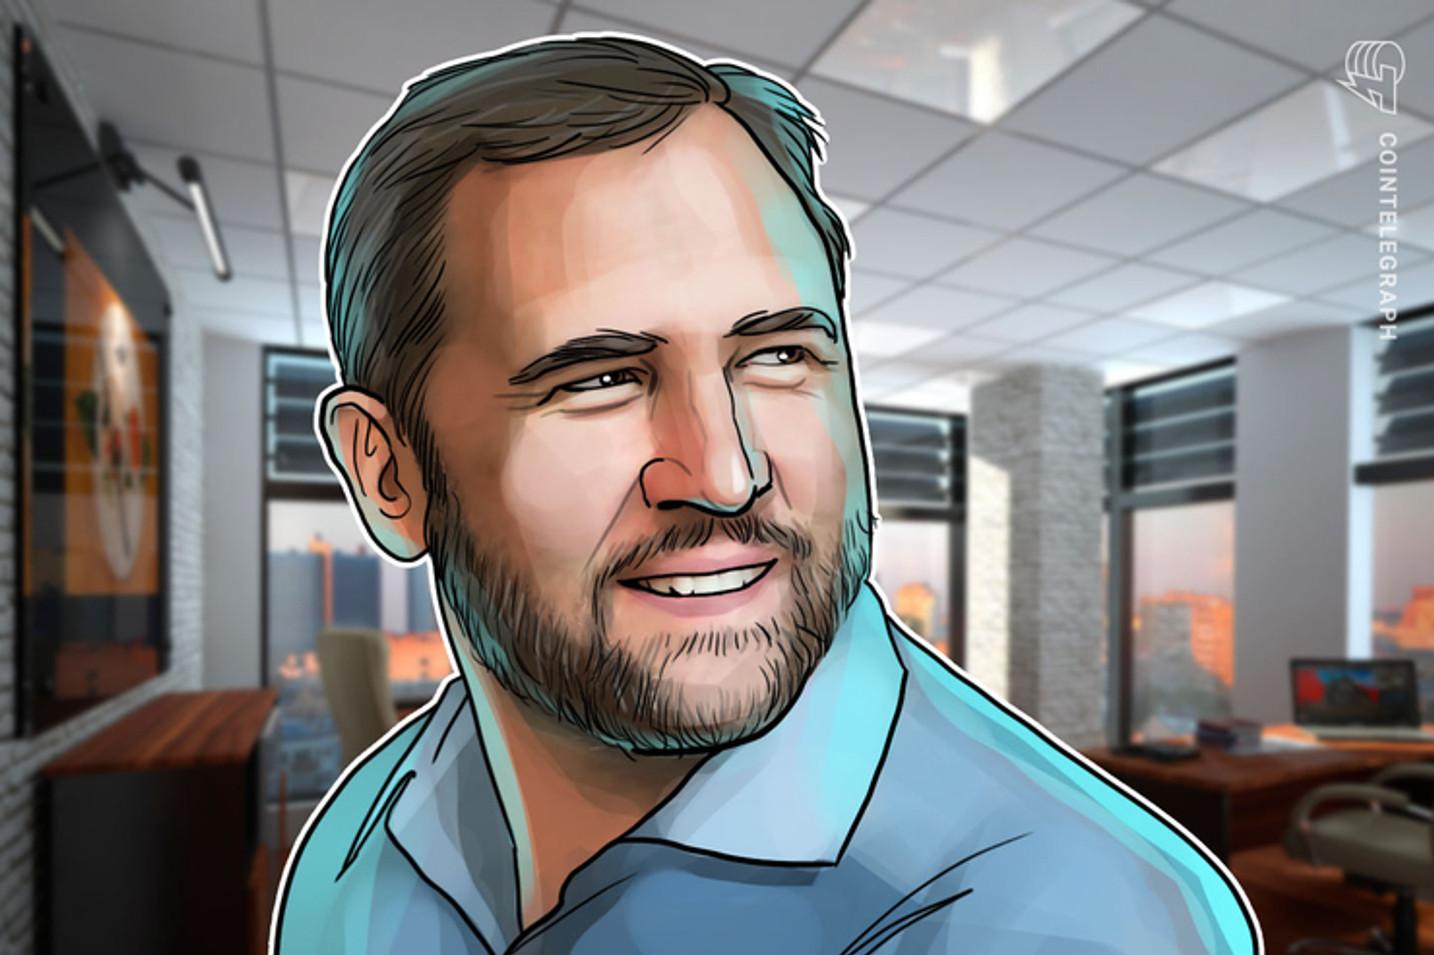 リップルCEO、ソフトバンクのウィーワーク巨額出資に苦言|リップルの企業価値も示唆【ニュース】